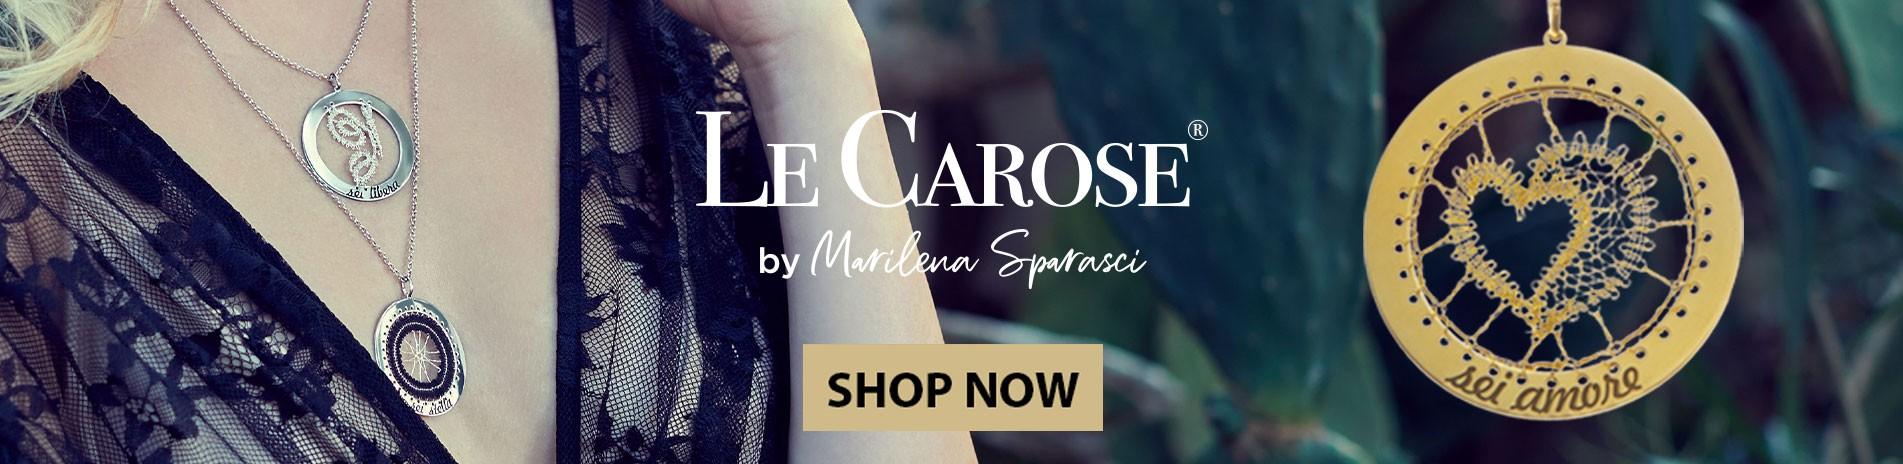 Compra ora Le Carose Nuova Collezione Marilena Sparasci